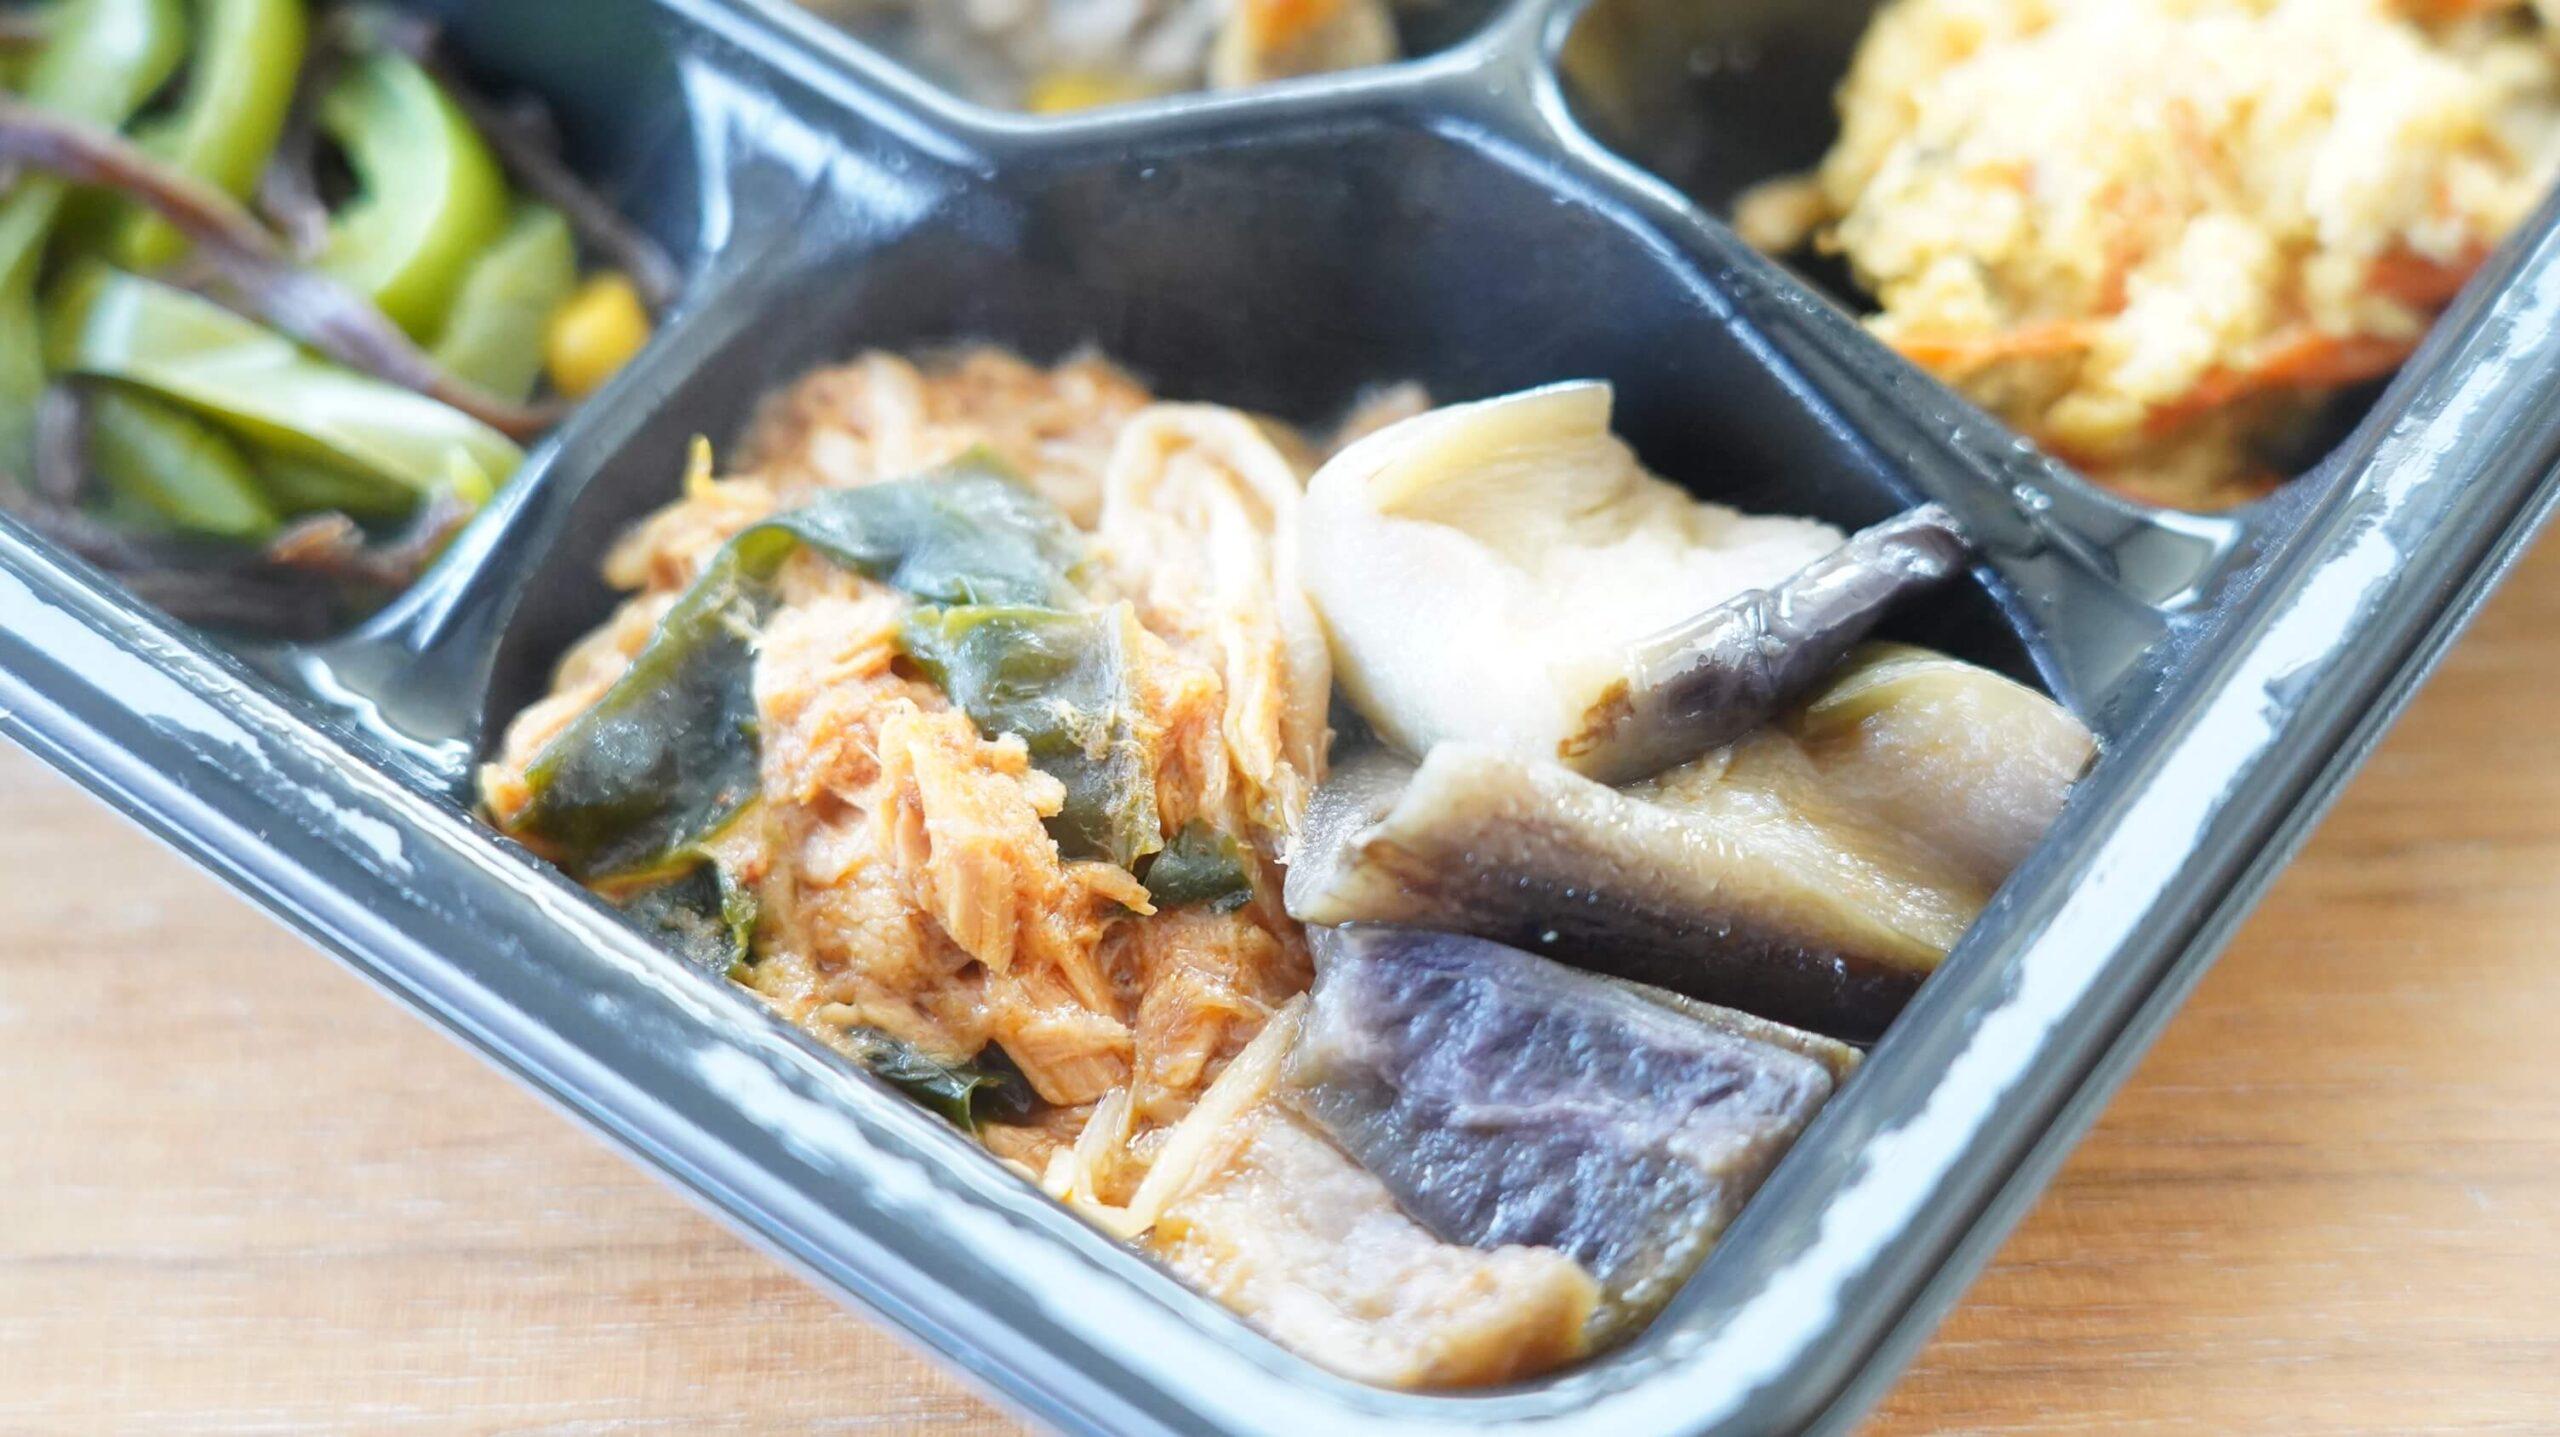 ライザップのサポートミール「鶏肉のエスニック焼き」の「揚げなす&わかめとツナのコチュジャン和え」の写真